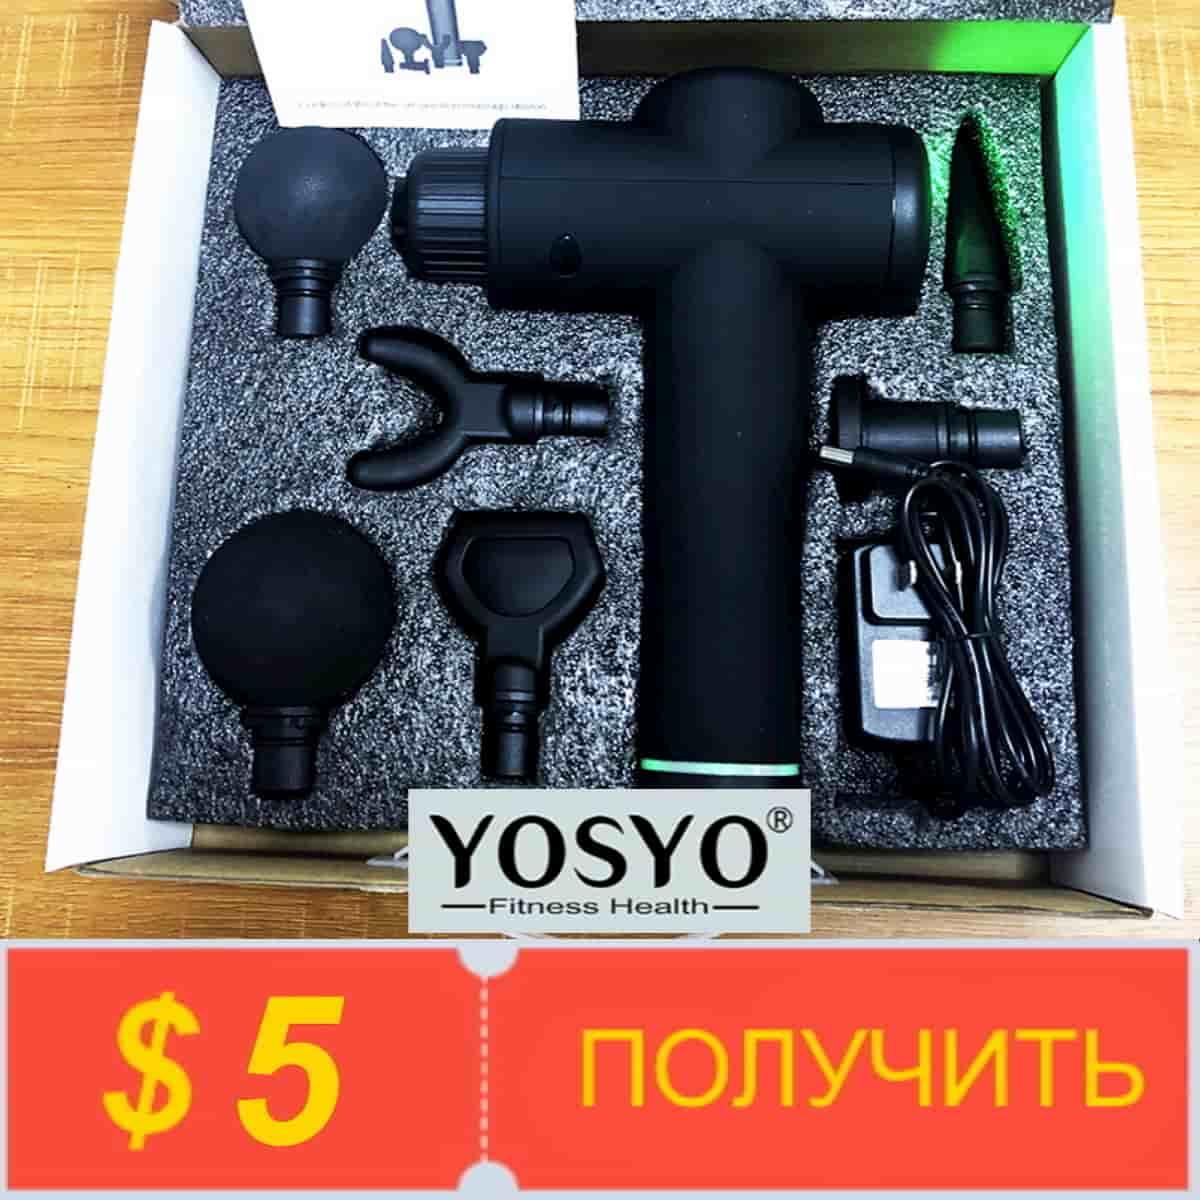 Получите купоны от YOSYO Official Store на Алиэкспресс